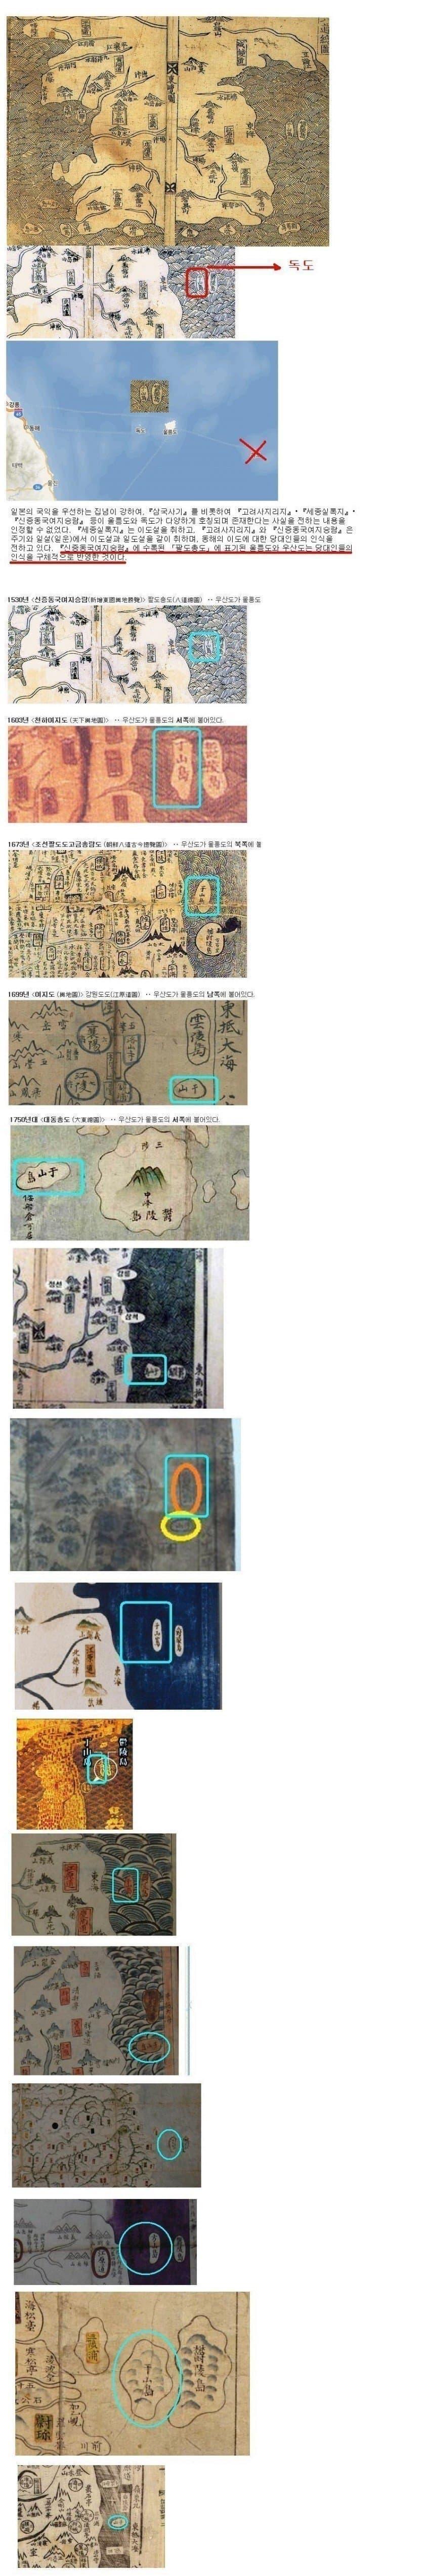 viewimage.php?id=25b8dc2aeedd2aa36f&no=24b0d769e1d32ca73ceb87fa11d028310dffe6fa47565f9311496be5ca5c55c31987296e336533298054b1cf66dcb28d9dbe5b63b8b8d9a0147456a3d7716109f29555fcb987dc3865c64322355c05691abda186